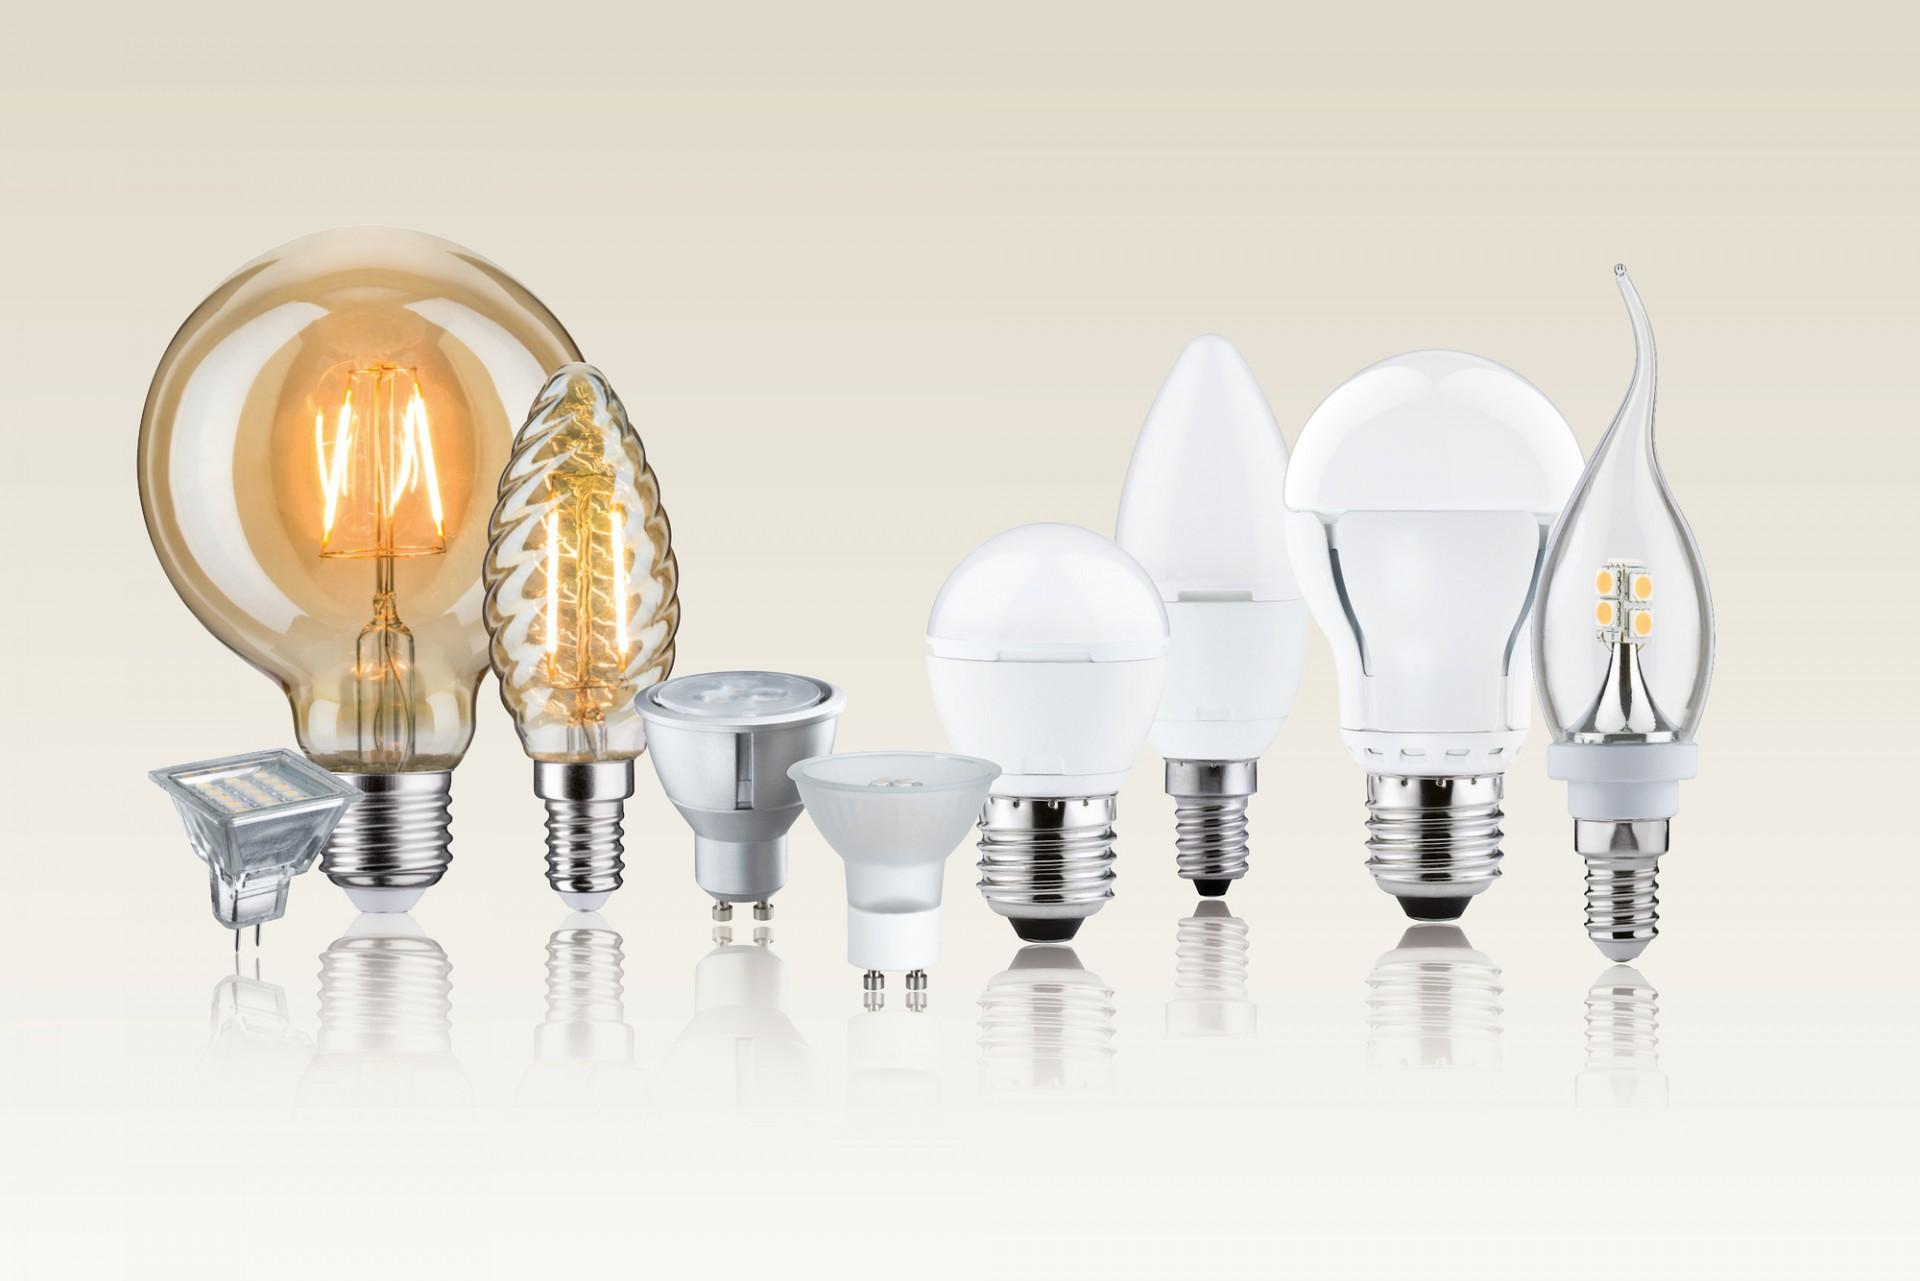 ampoules culots